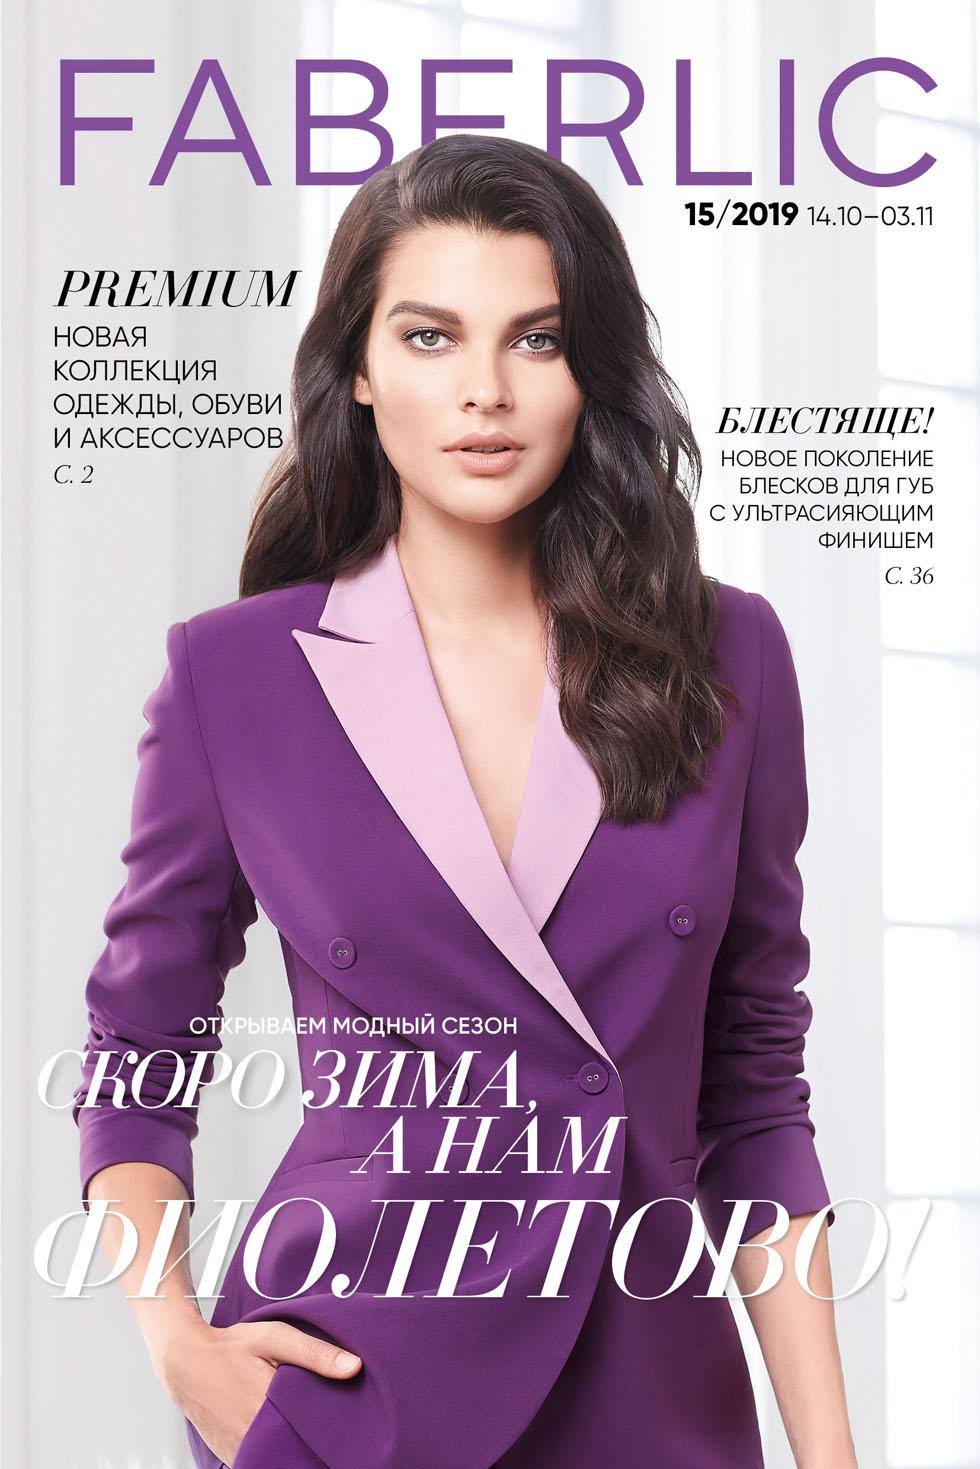 Фаберлик прайс-лист 15 2019